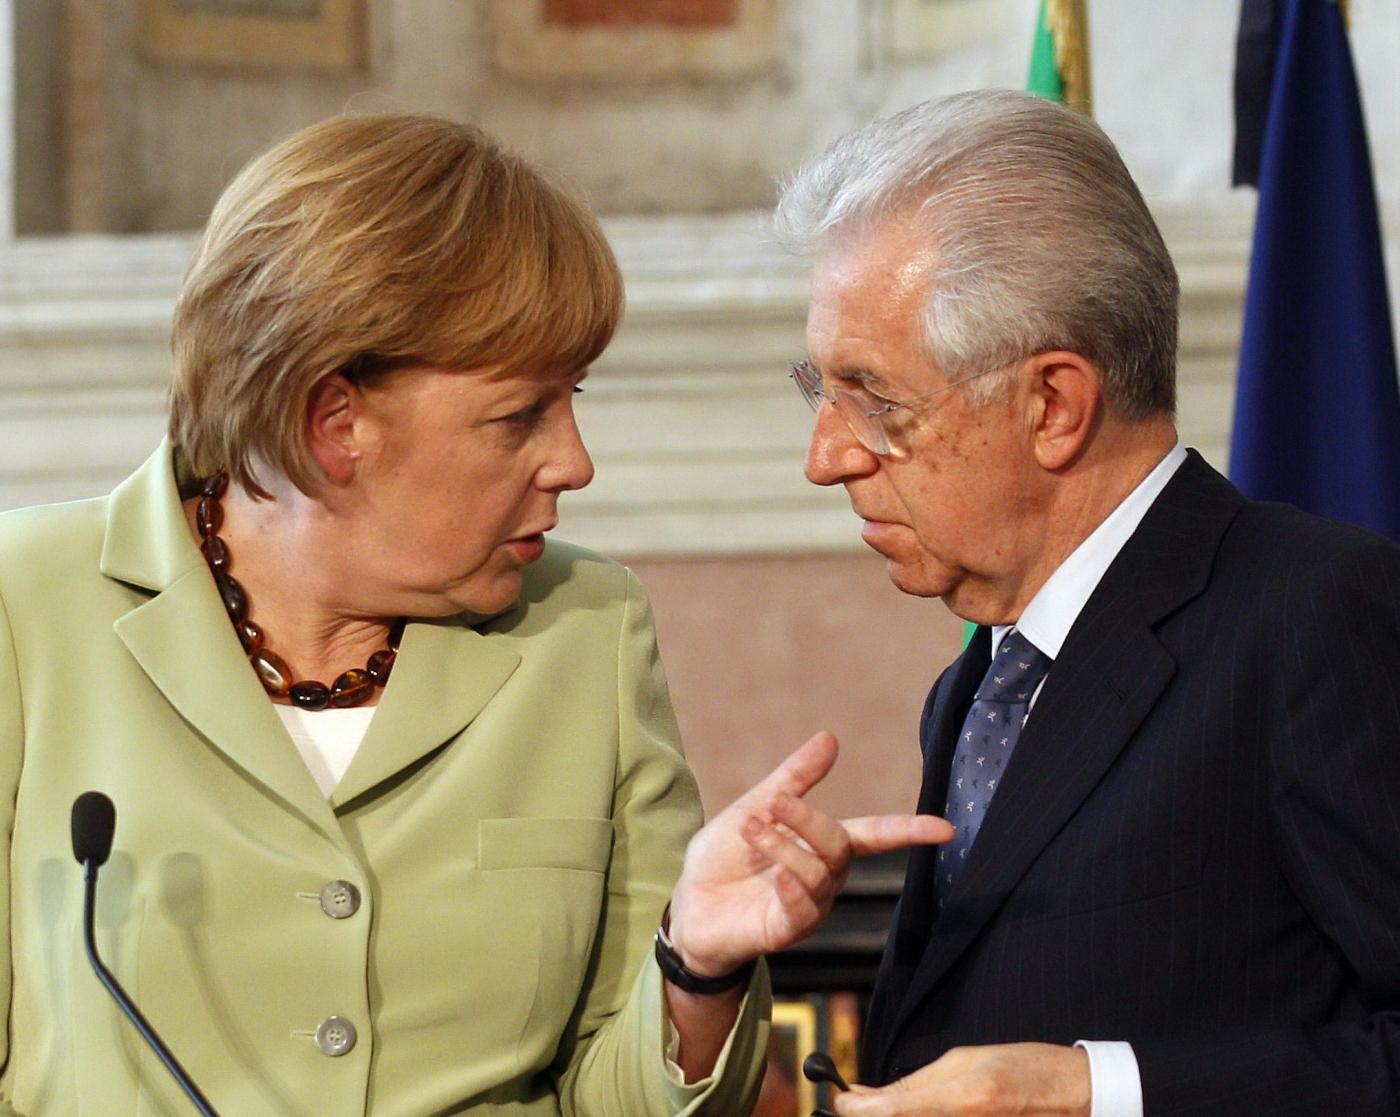 Merkel piena intesa con Monti ma il futuro allarma. Ora Angela teme i successori